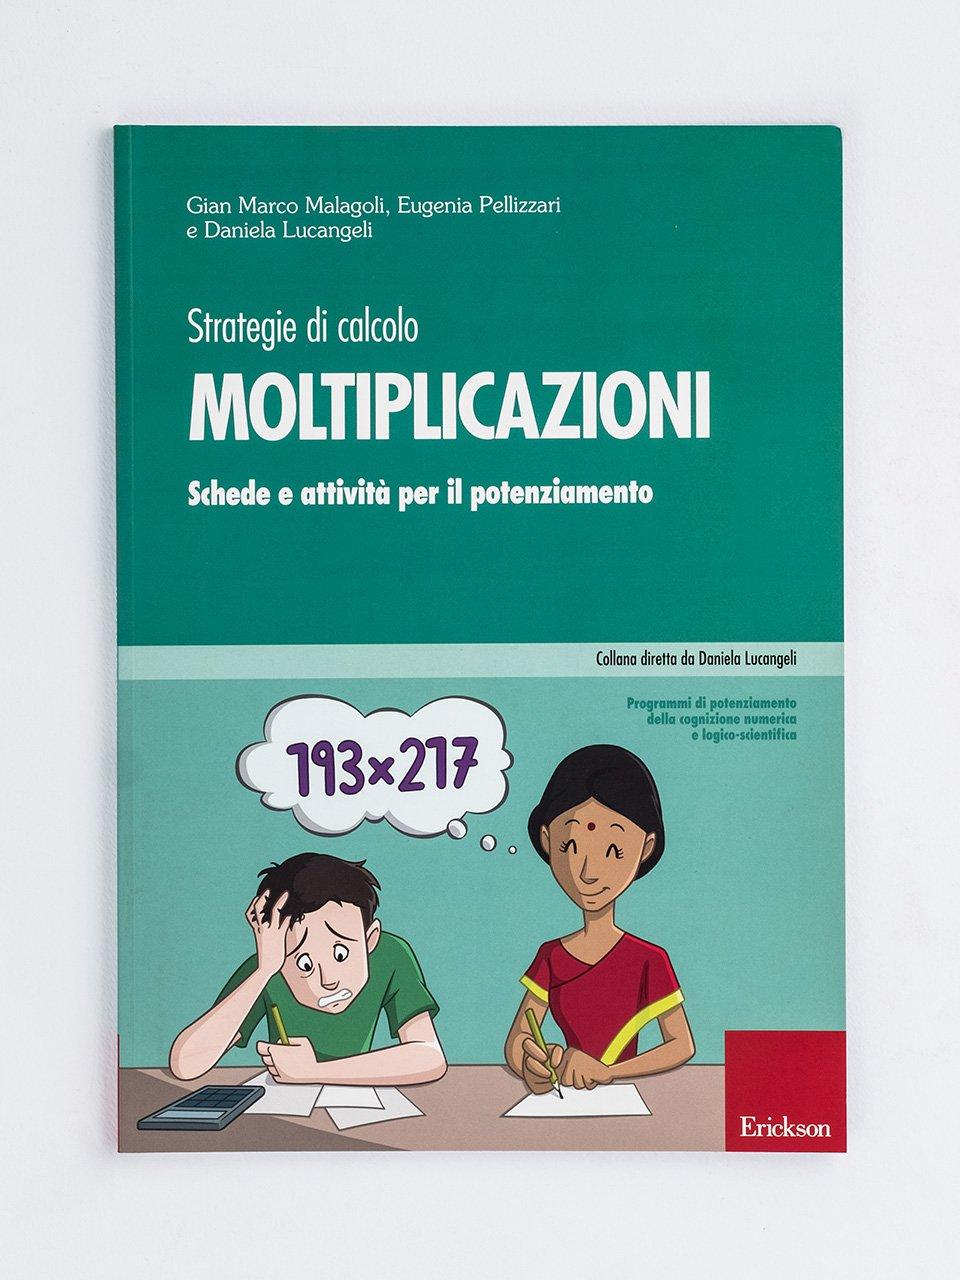 Moltiplicazioni – Strategie di calcolo - Imparare e giocare con la tavola pitagorica e la L - App e software - Erickson